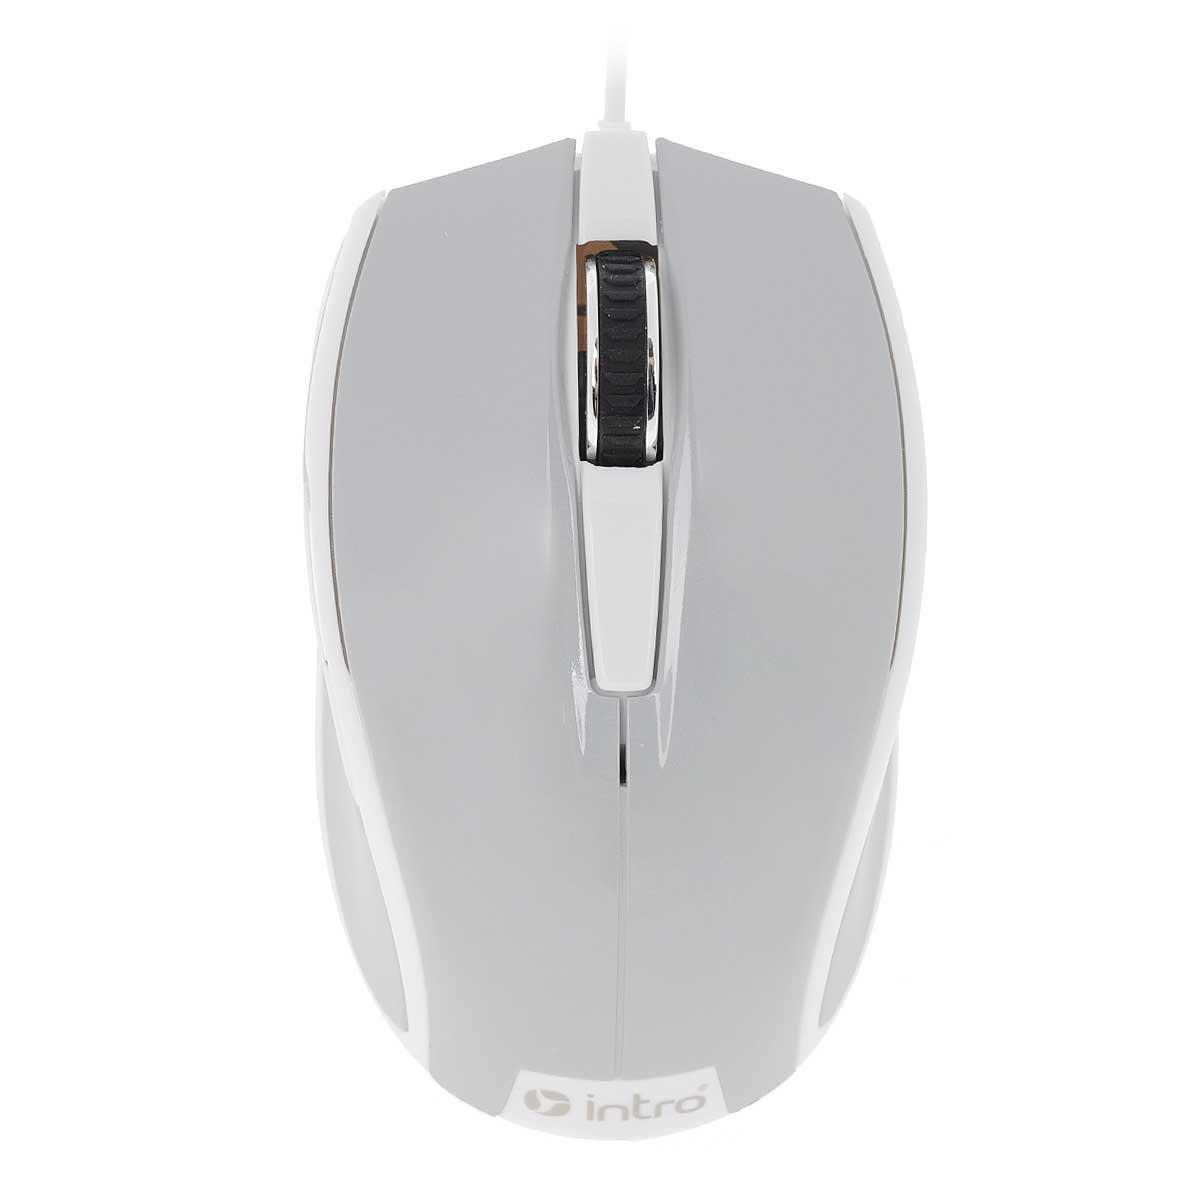 Intro MU104, Gray мышьMU104Стильная проводная мышь Intro MU104 обладает эргономичным дизайном и отлично подходит как для игр, так и для работы в офисе.